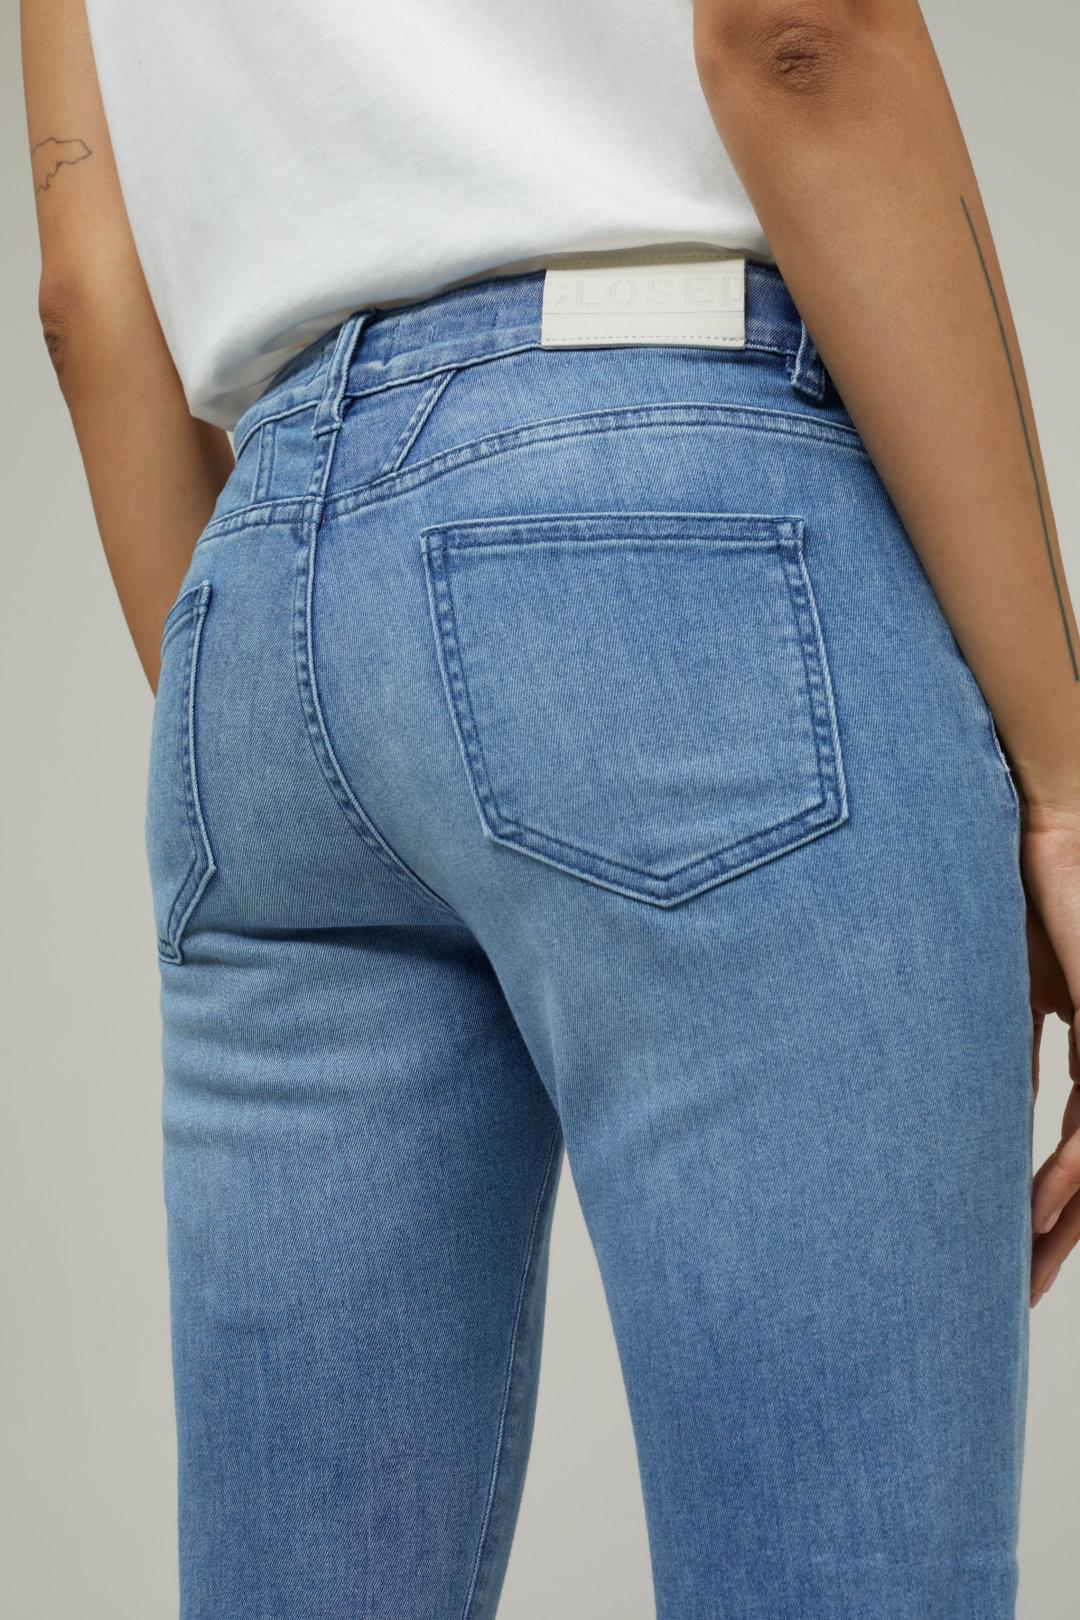 Closed Jeans C91833 06E 33-4